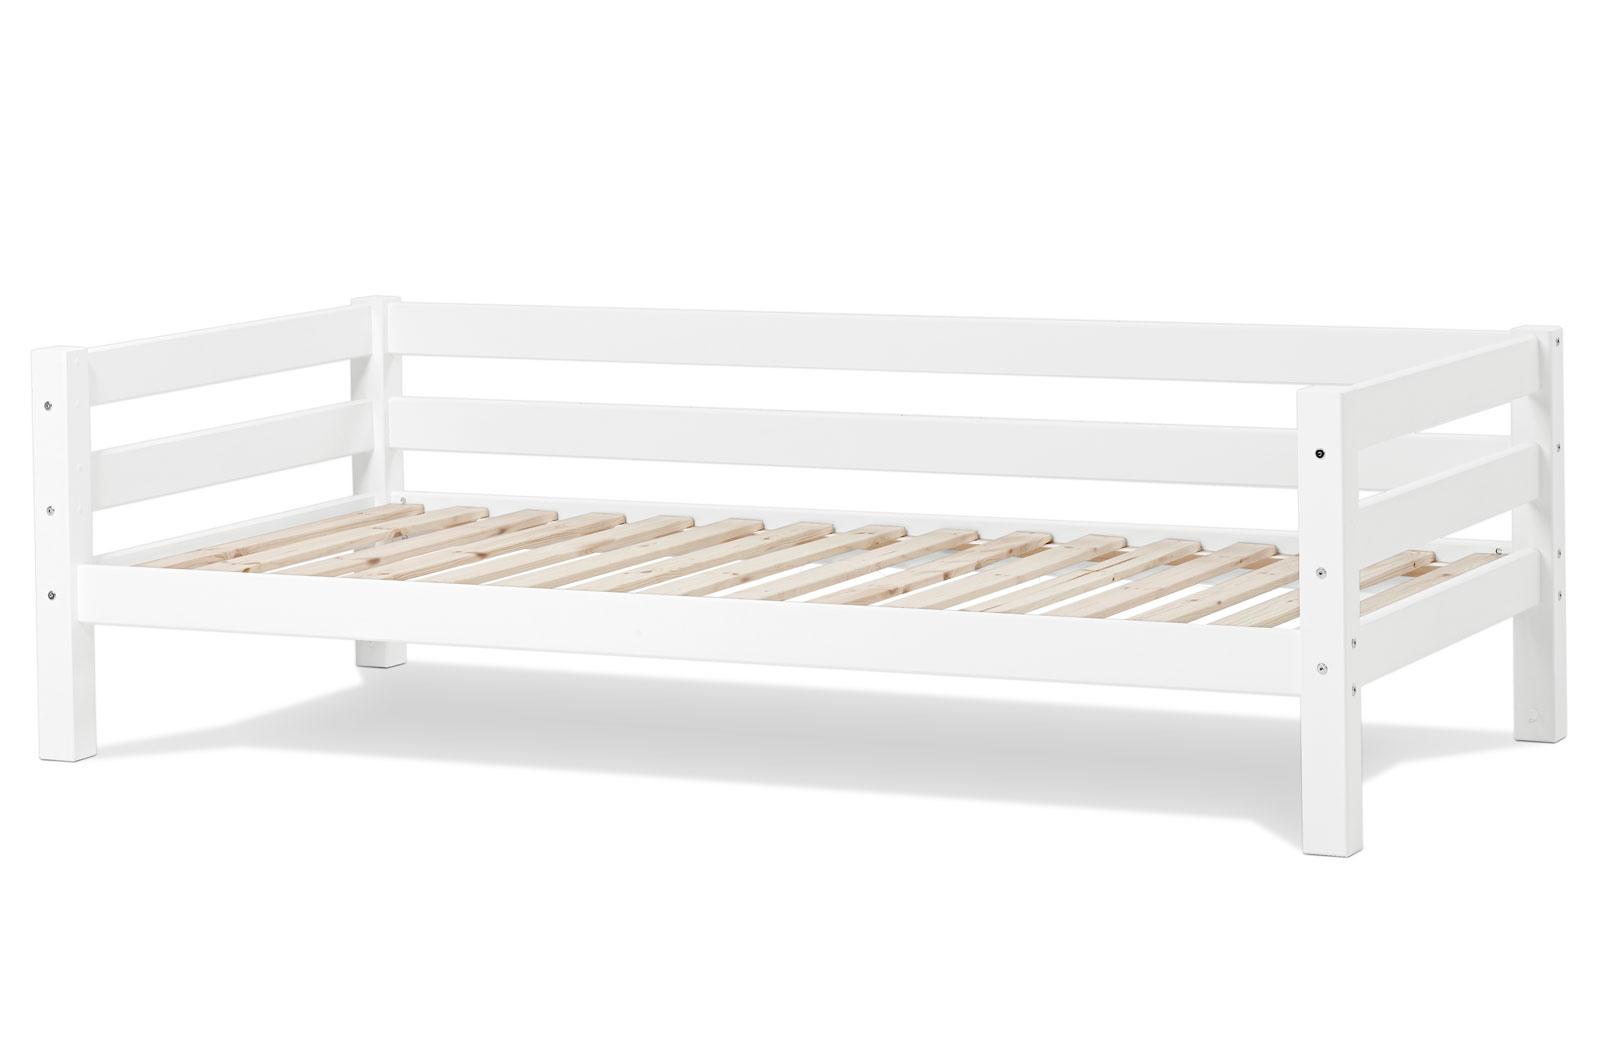 Sofabett kinderzimmer  Sofabett aus Kiefer weiß lackiert 90x200 - Kids Royalty